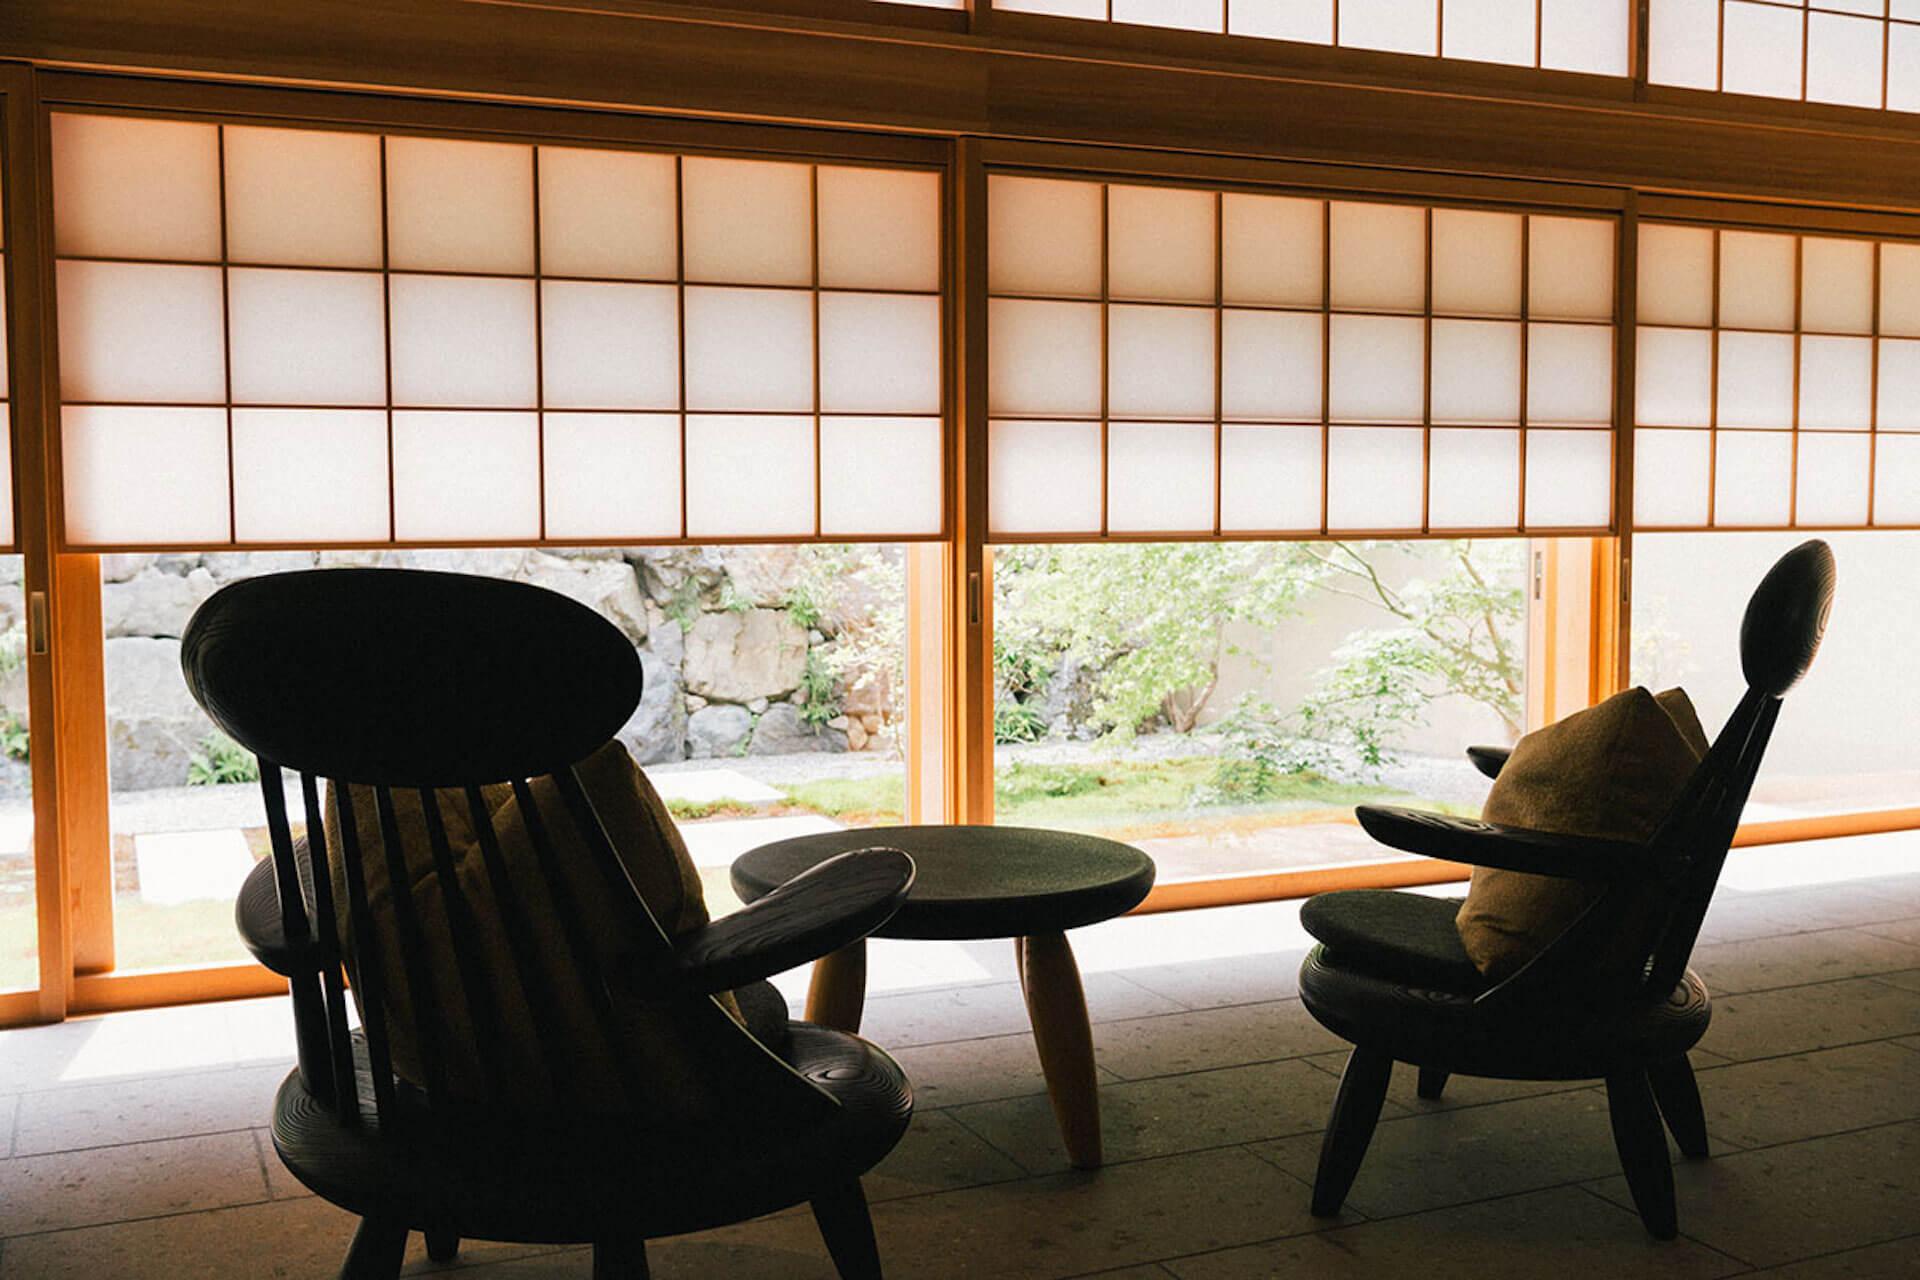 京都・嵐山から舟で非日常へトリップ! 水辺のラグジュアリーホテル『星のや京都』で極上体験 2-1